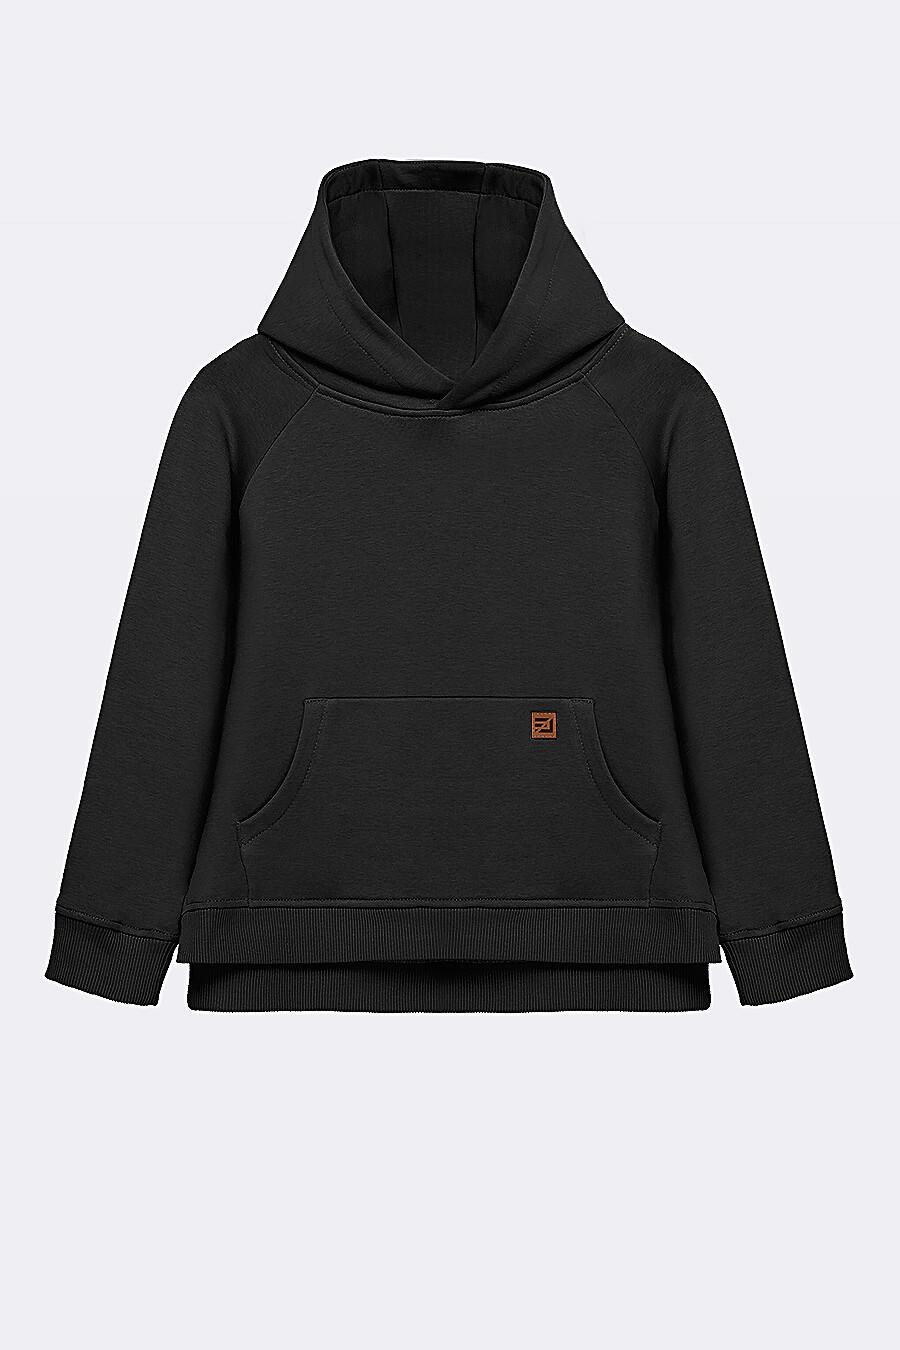 Худи для мальчиков EZANNA 682070 купить оптом от производителя. Совместная покупка детской одежды в OptMoyo